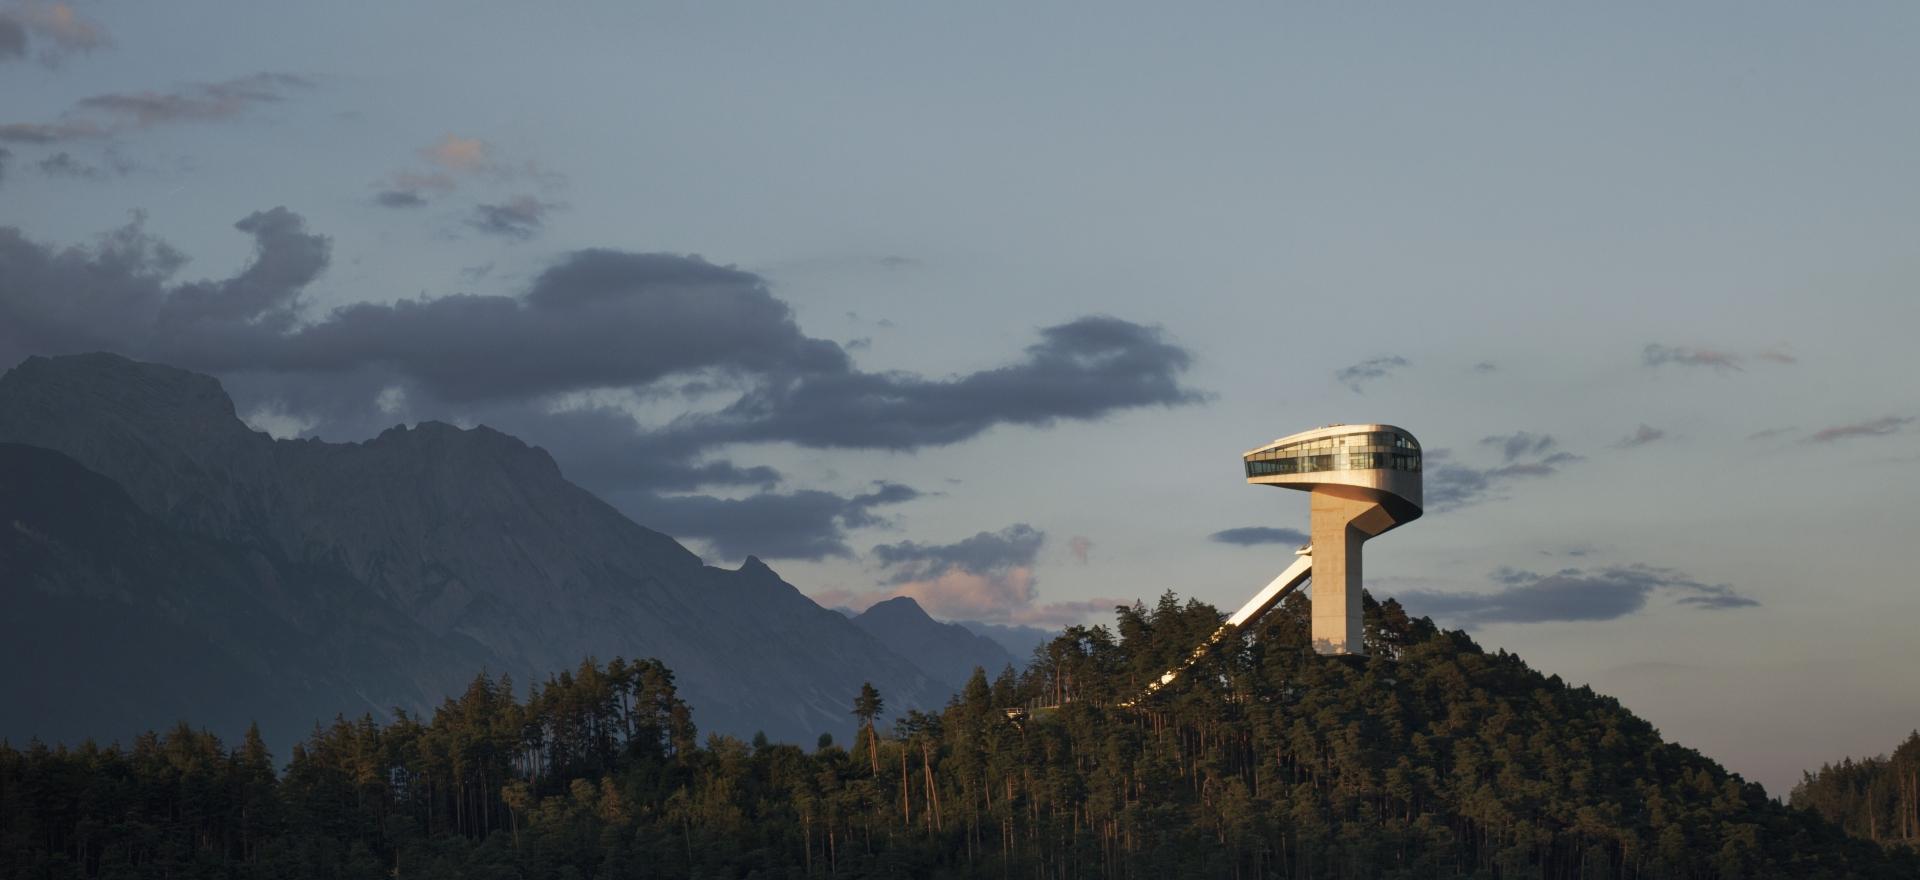 Bergisel, Innsbruck © Tirol Werbung-Kathrein Verena